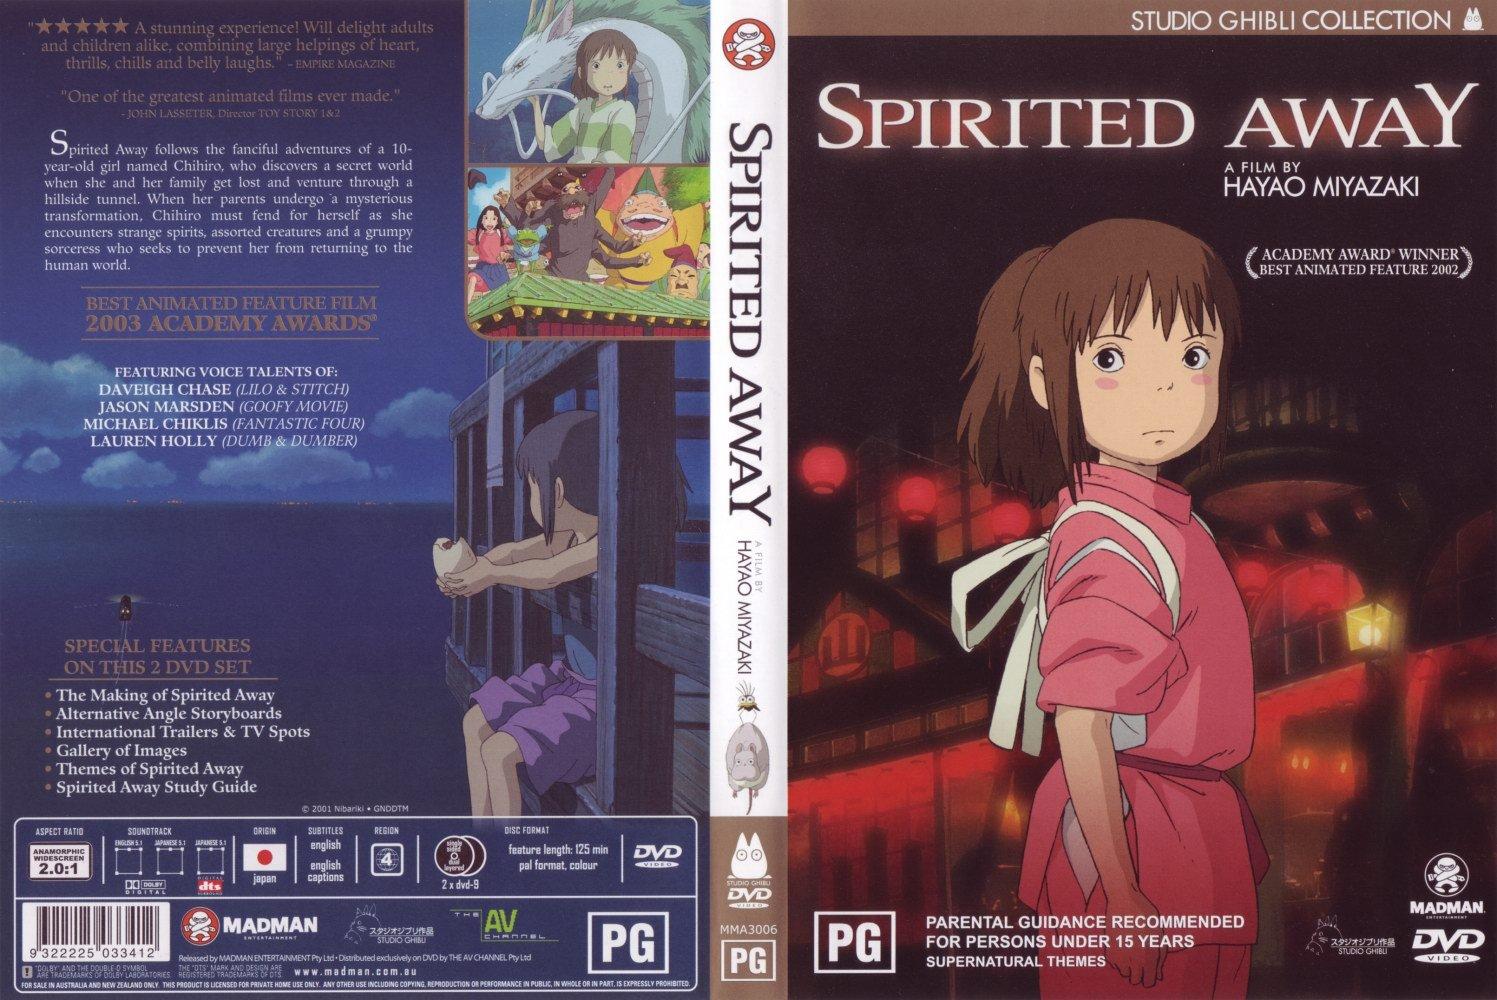 MOACM: Hayao Miyazaki ...